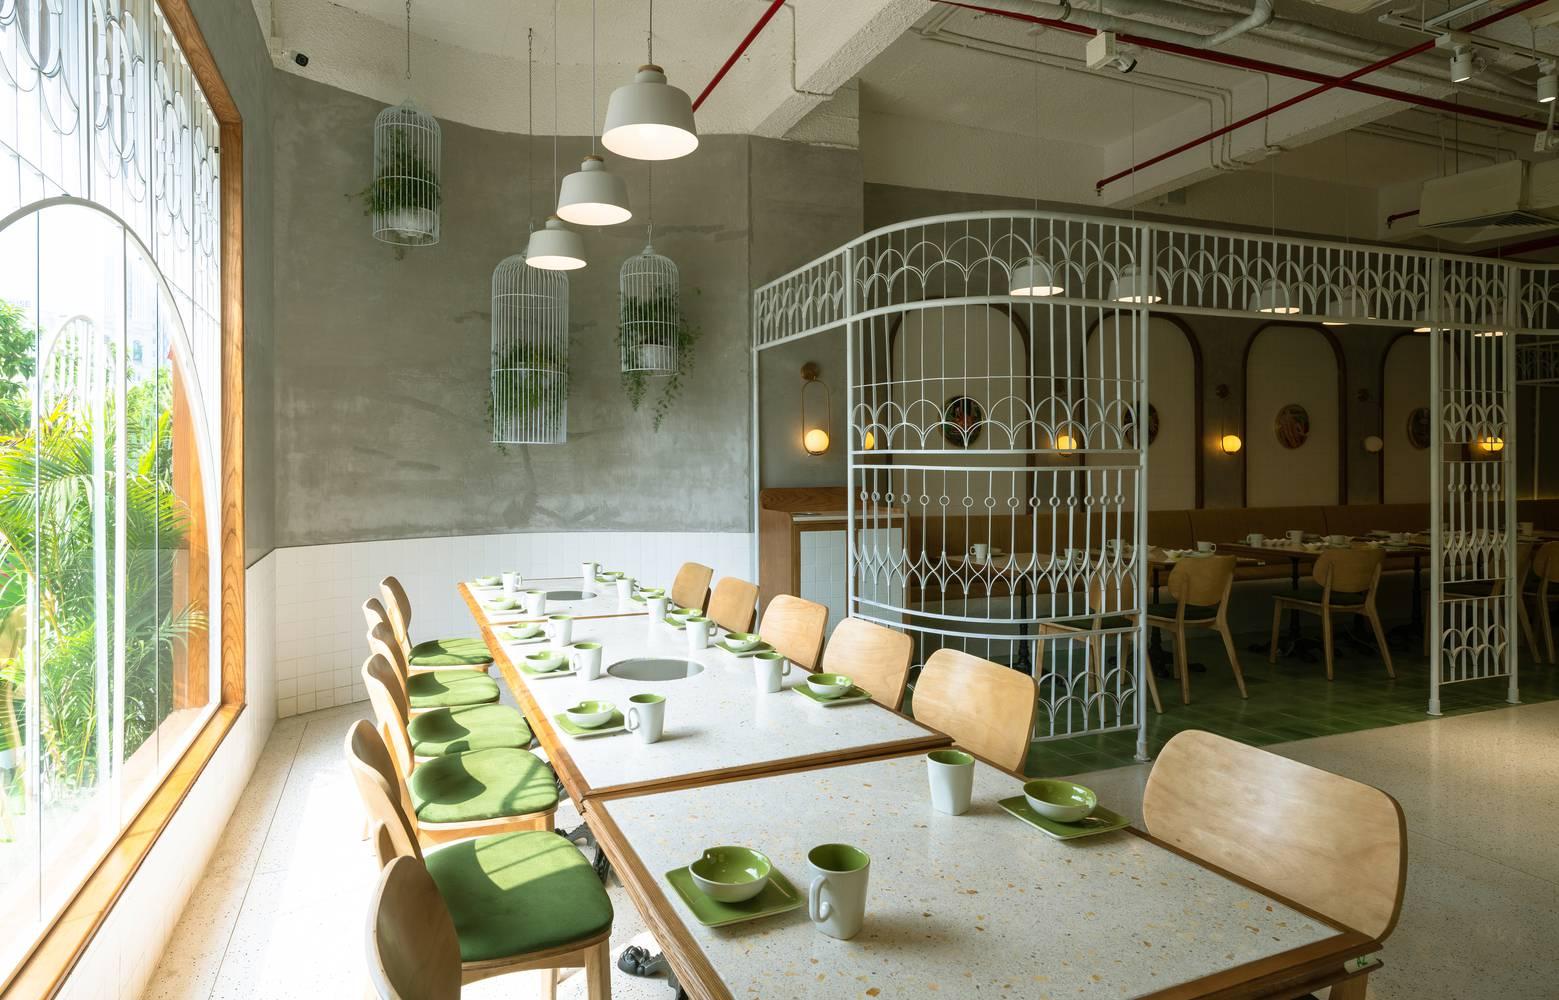 تصميم داخلي للمطاعم والمقاهي في تركيا | اسطنبول